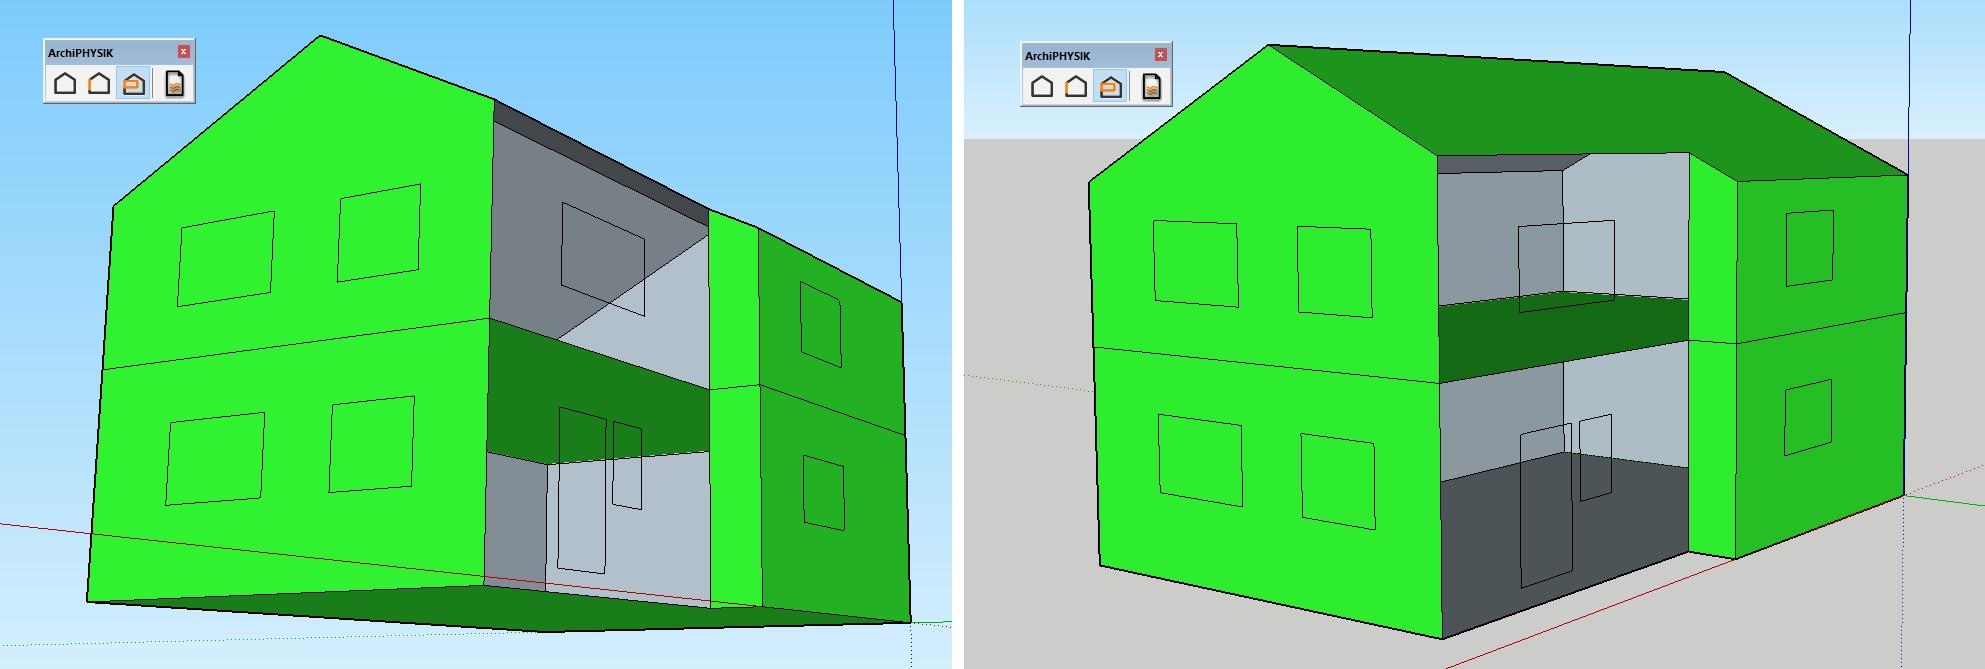 Ermittlung thermisches Volumen Energieausweis mit SketchUp und ArchiPHYSIK